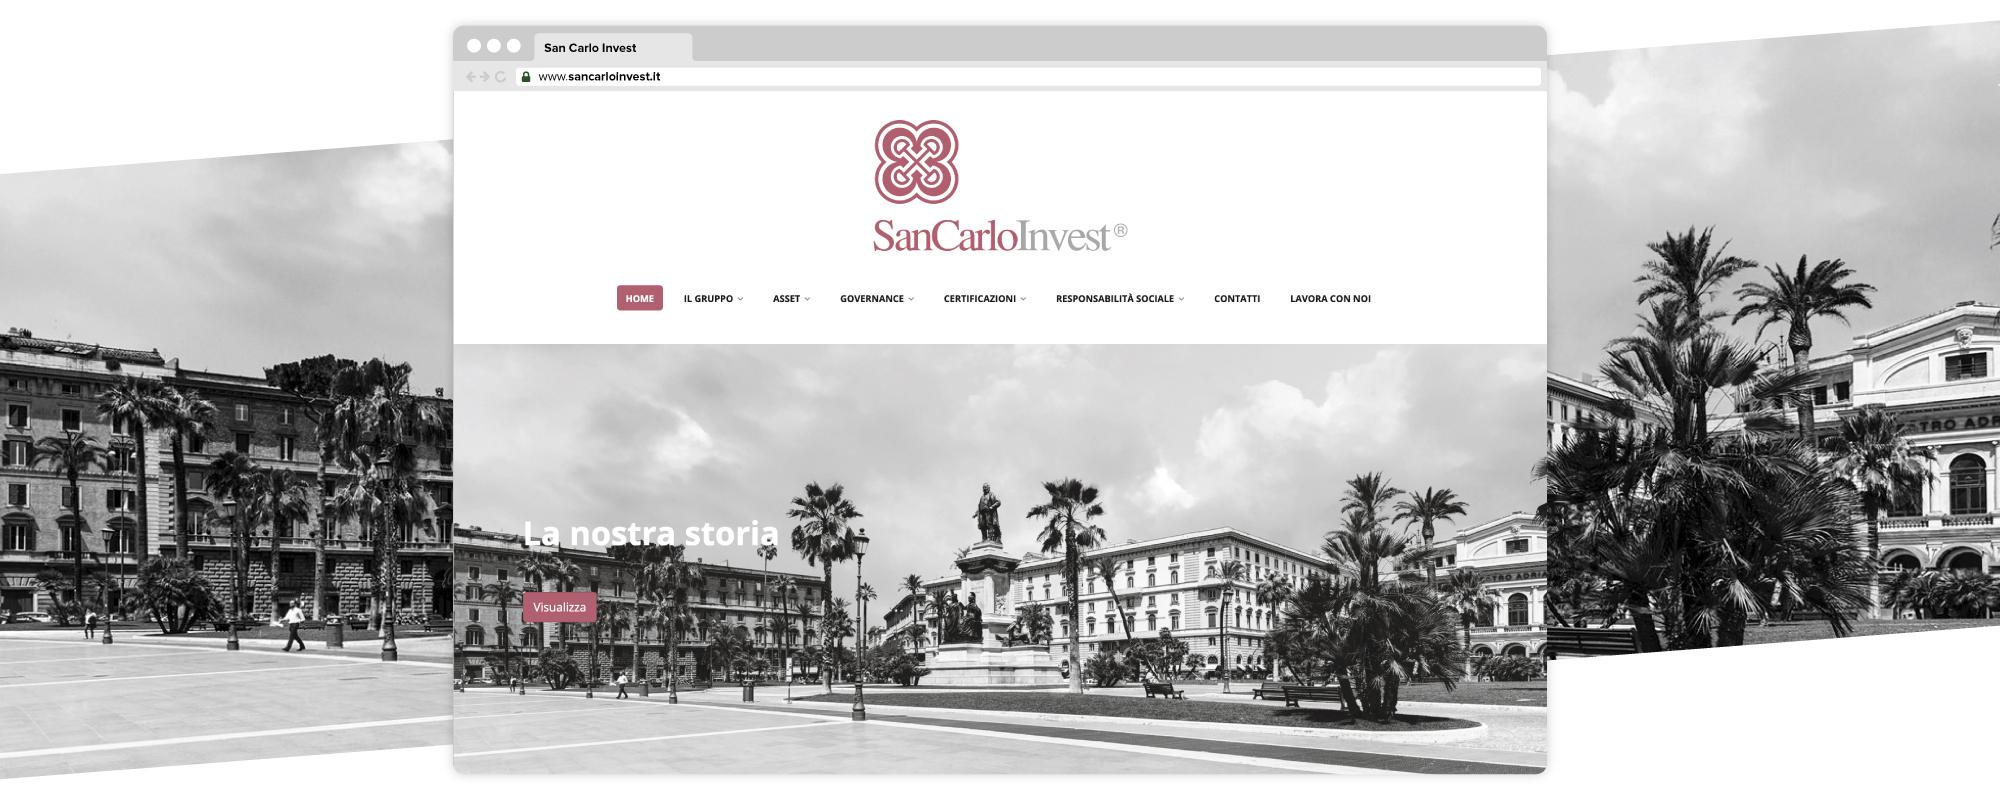 Gruppo San Carlo sito web